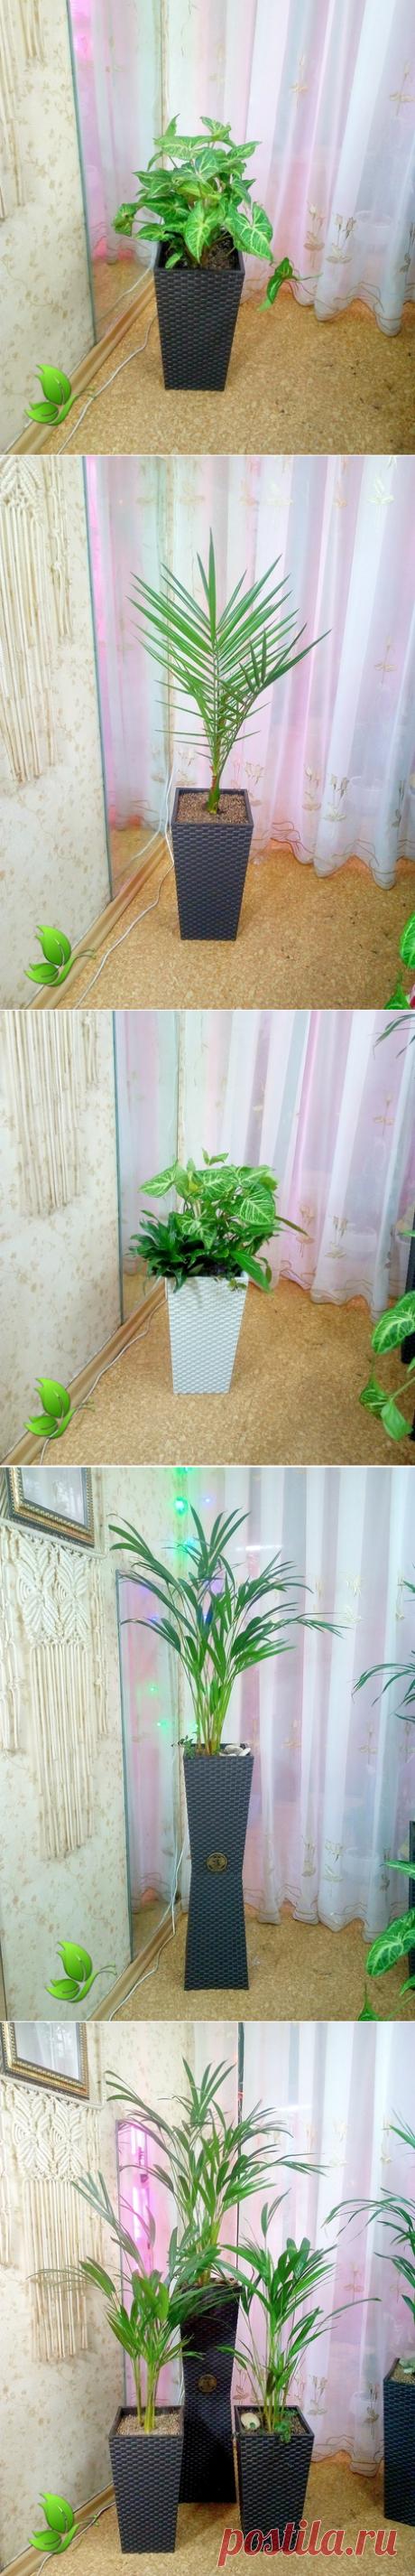 Высокие Напольные Растения. Челябинск